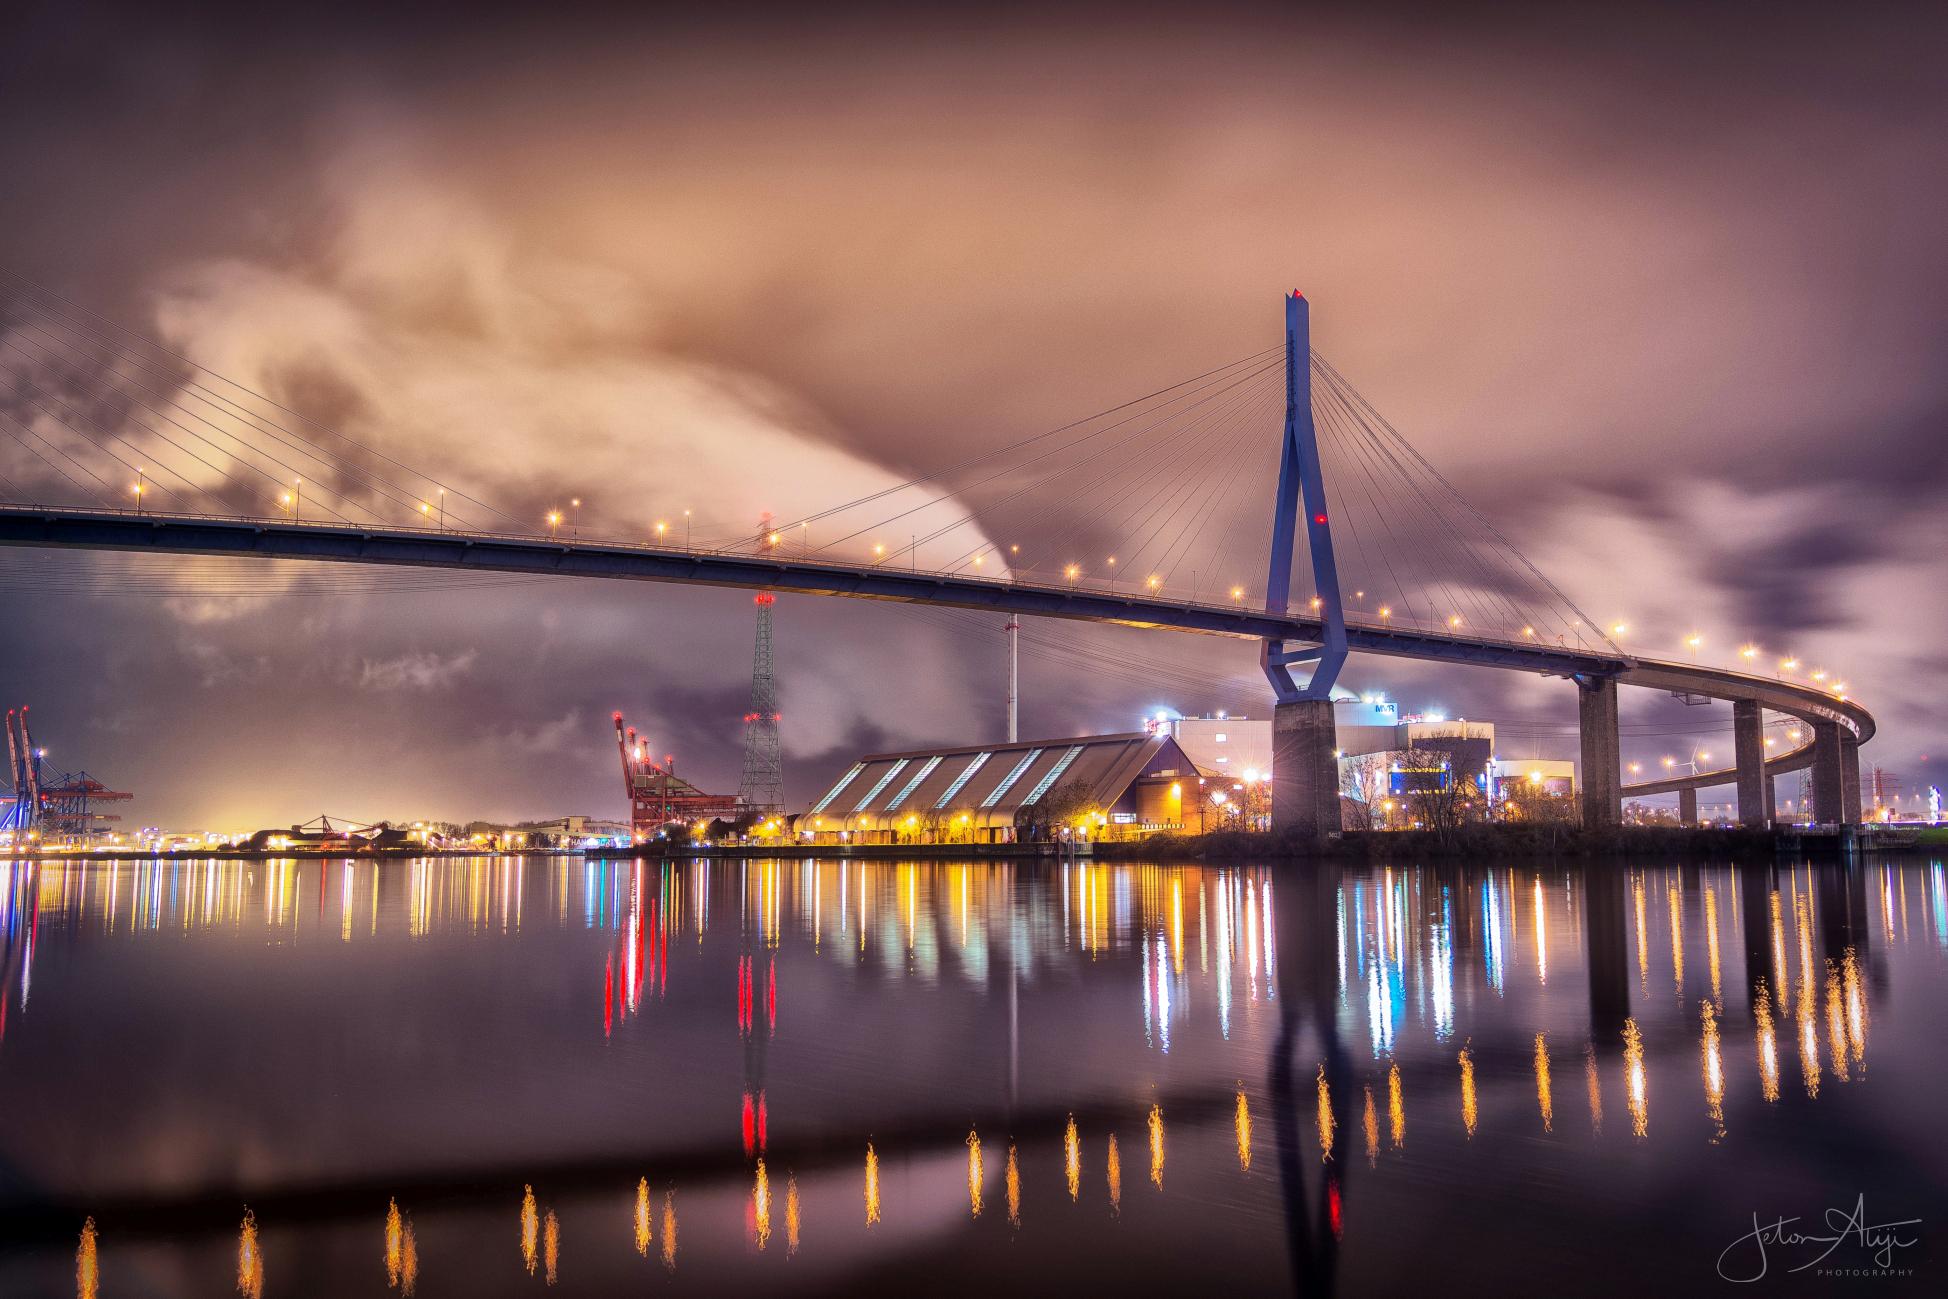 Kohlbrandbrücke, Hamburg, Germany